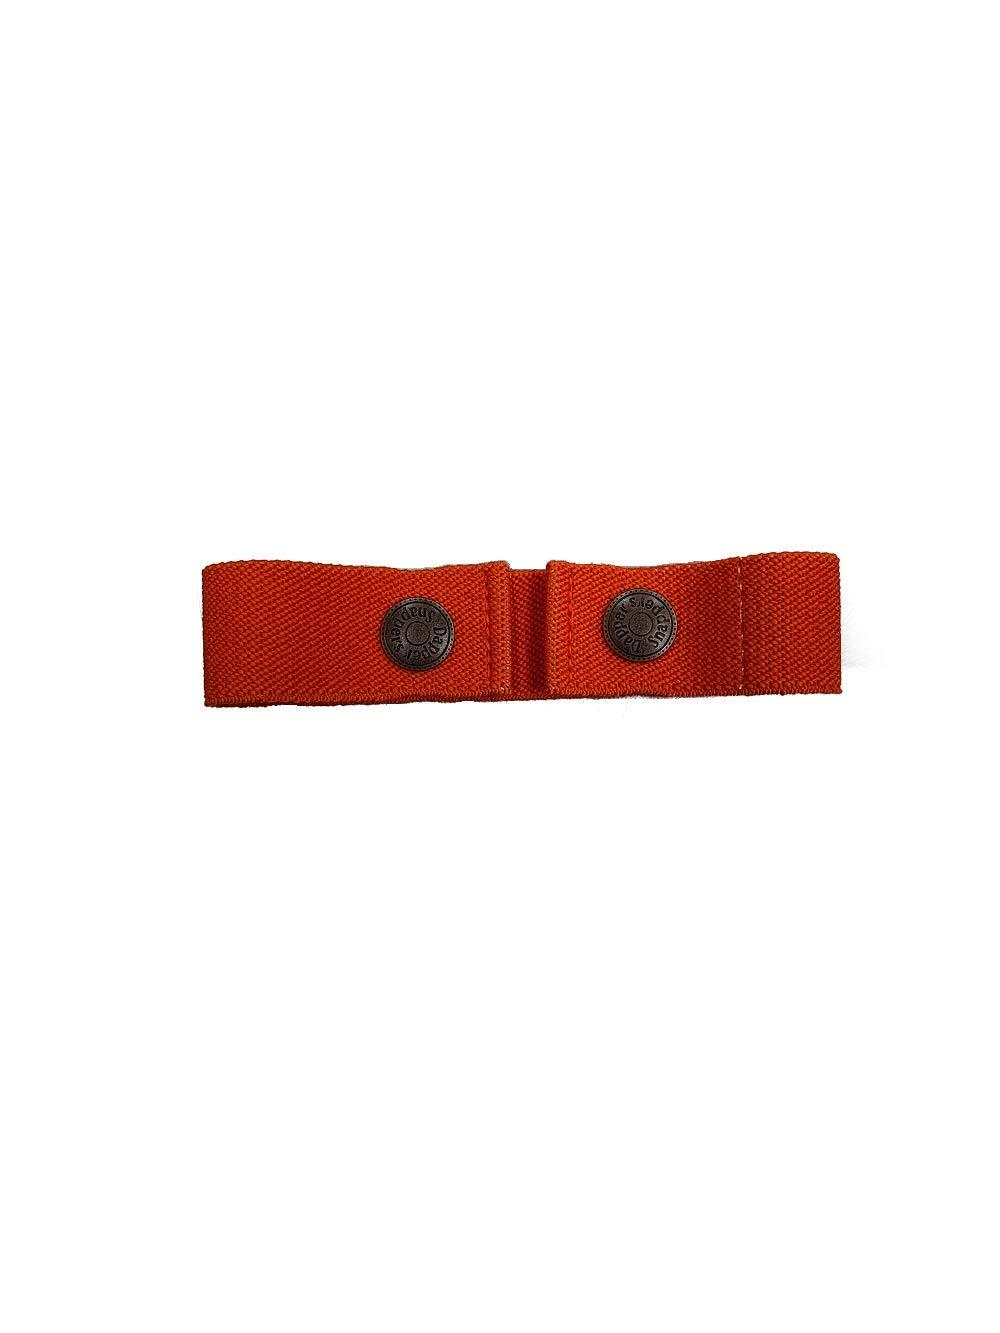 Dapper Snapper Baby & Toddler Adjustable Belt (Orange)